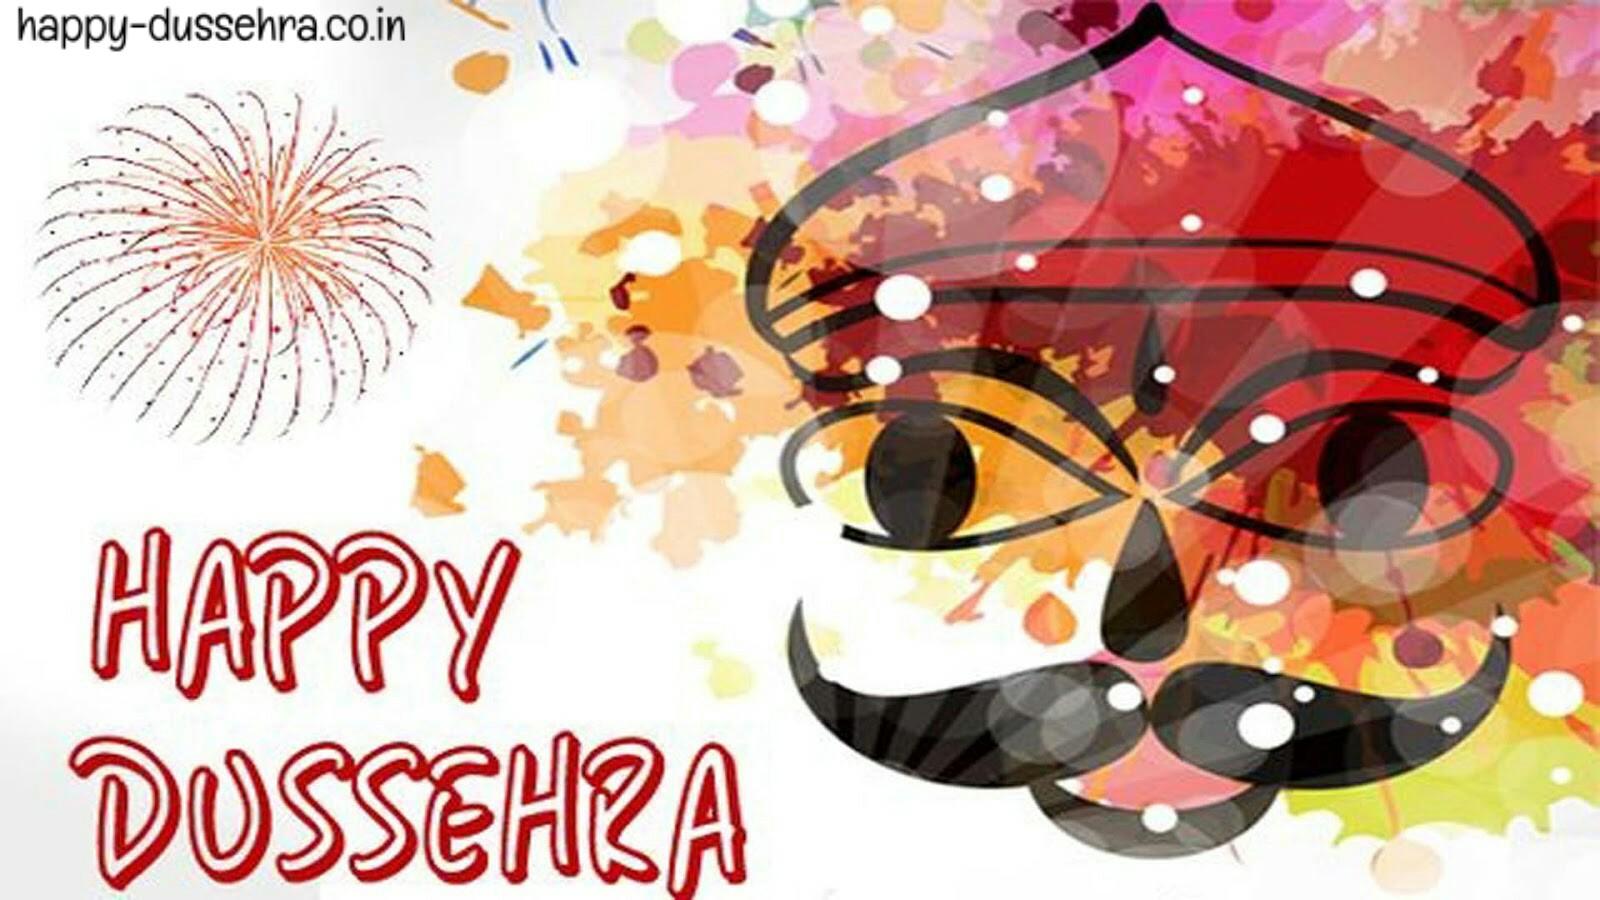 Dussehra Images HD Download